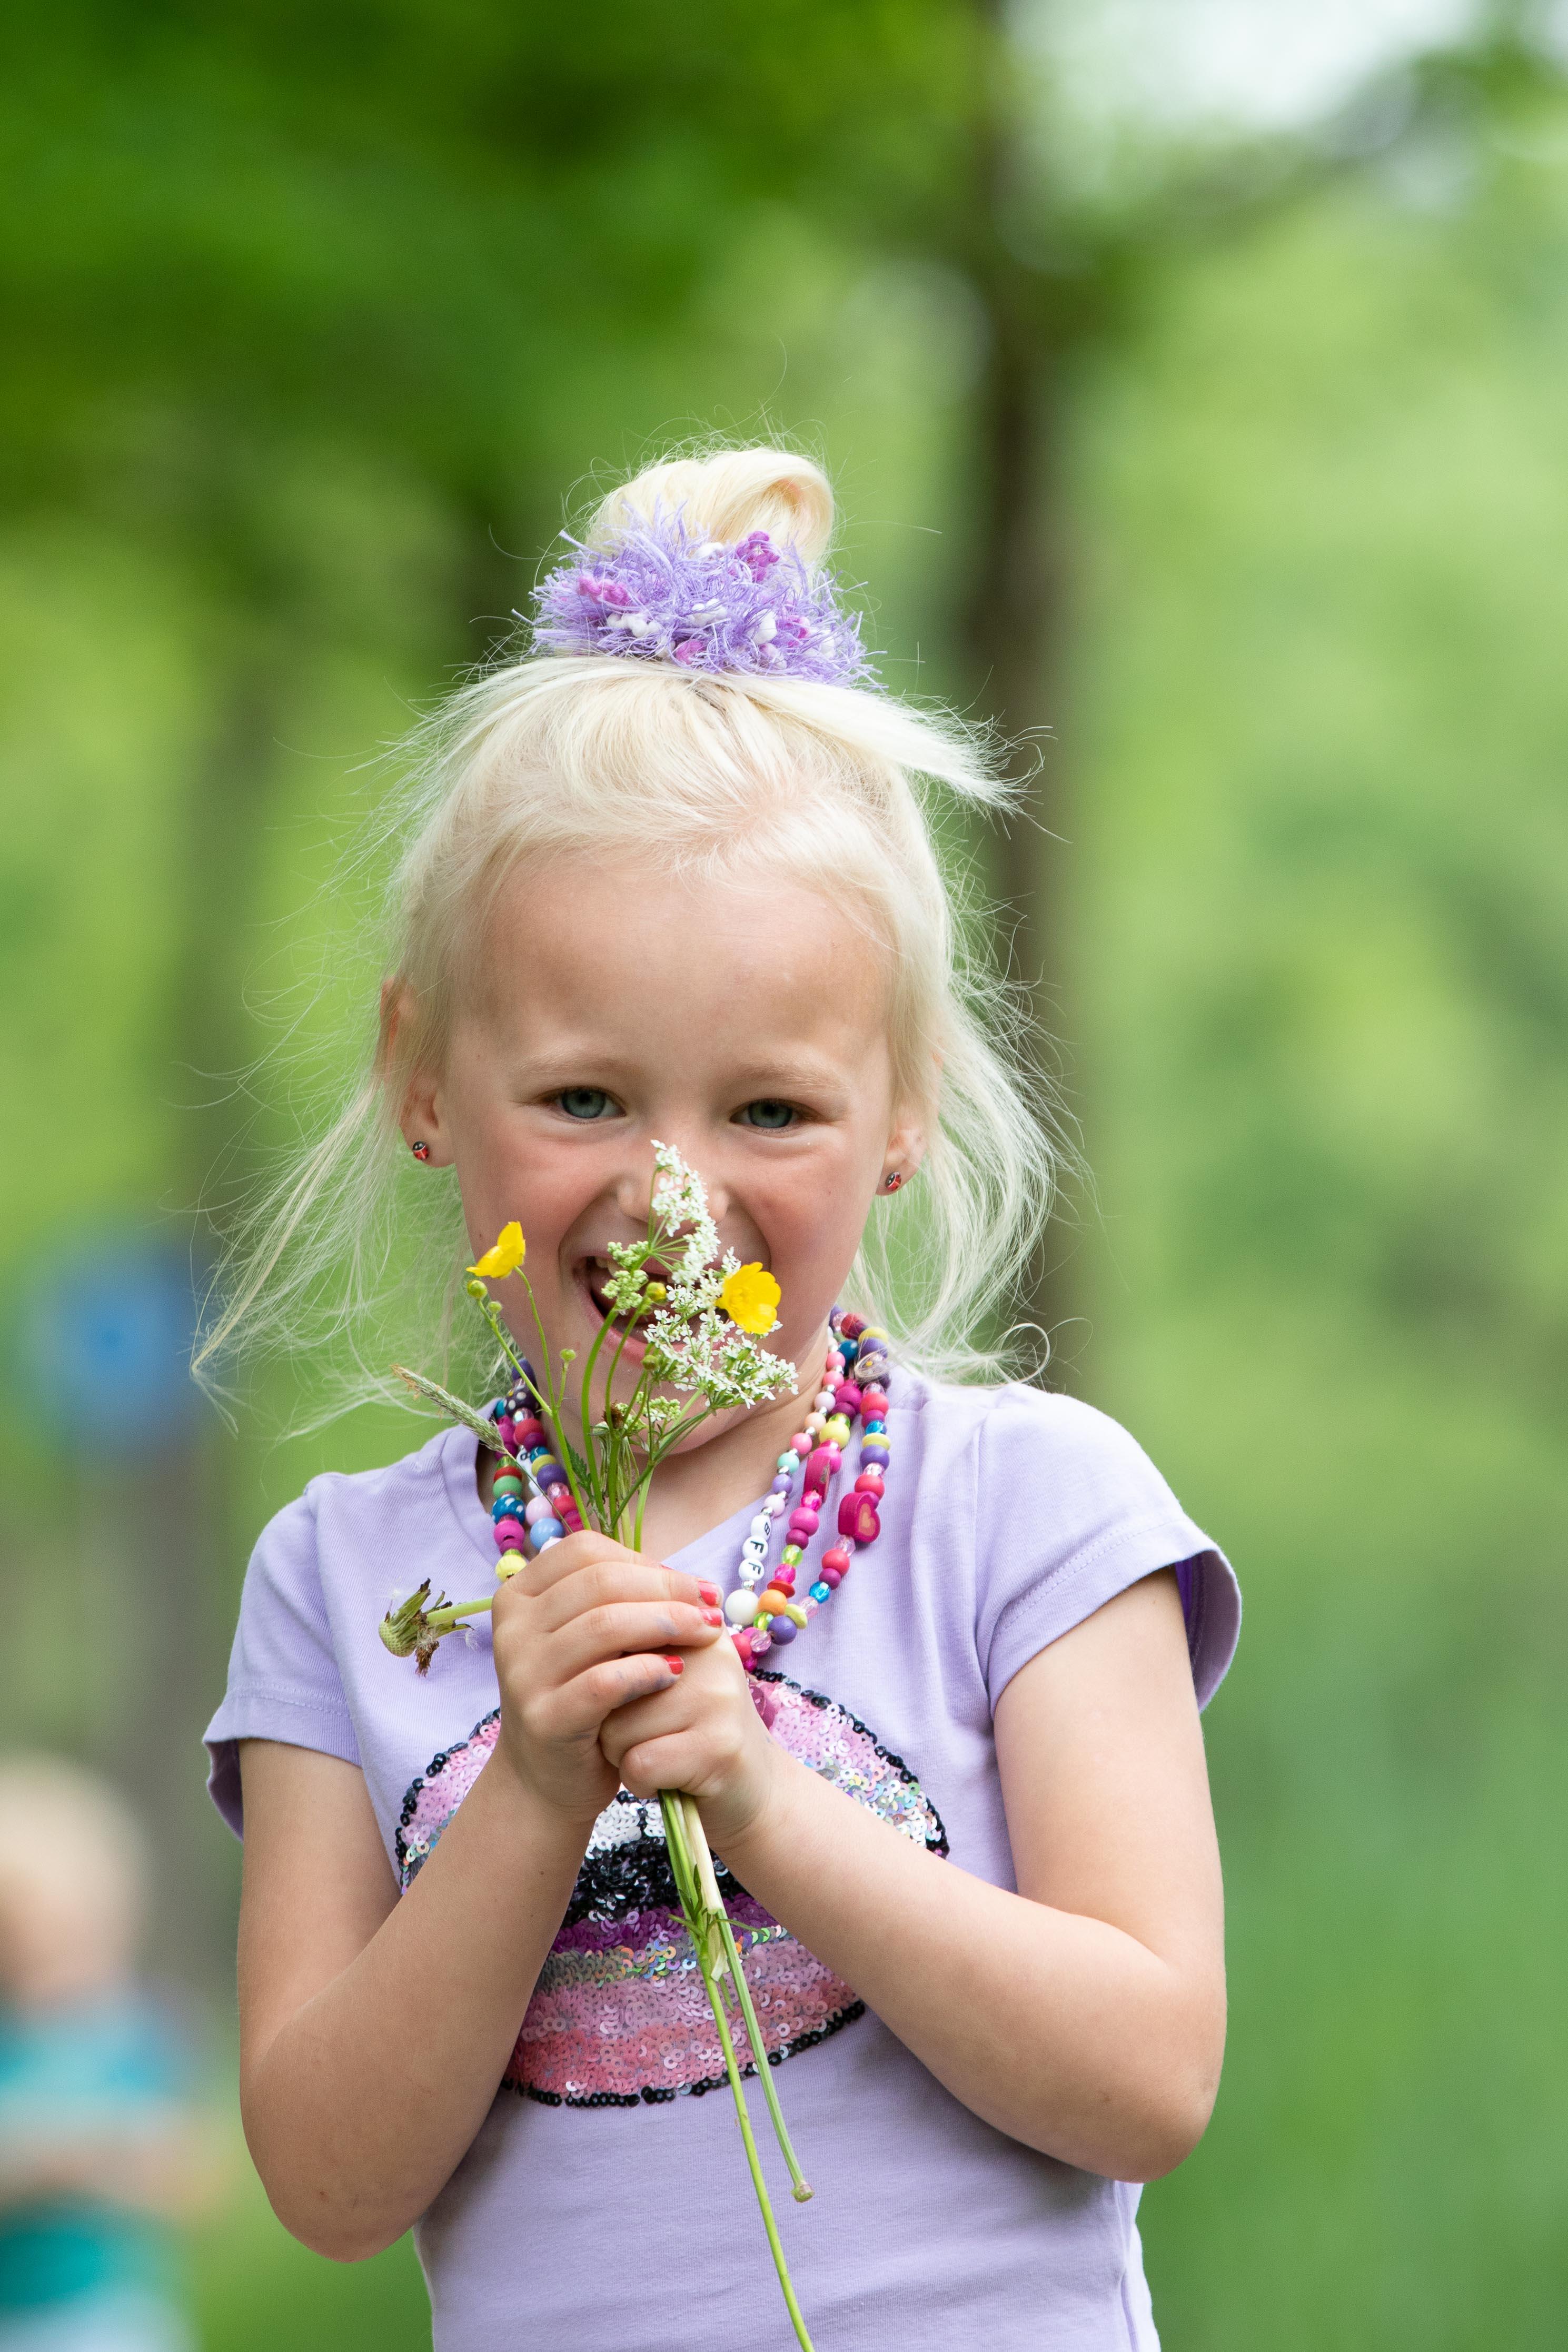 Marleen Verheul Fotografie, kinderfotografie, portret van een meisje